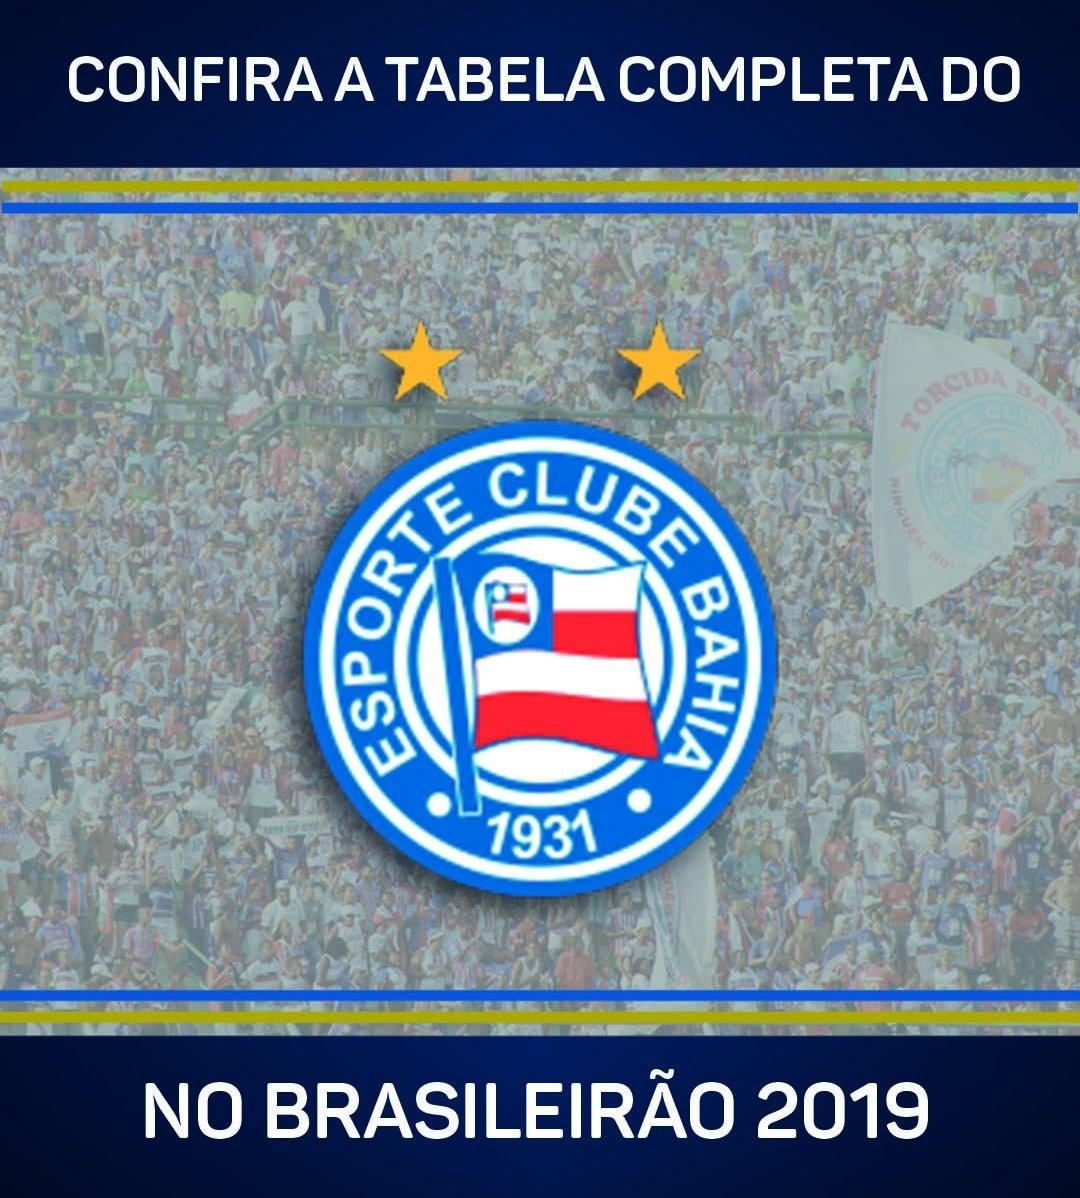 O @ECBahia começa a caminhada no #Brasileirão2019 em casa, contra o Corinthians!  Vem ver a tabela completa do clube >>  https://t.co/RNrYN5D089